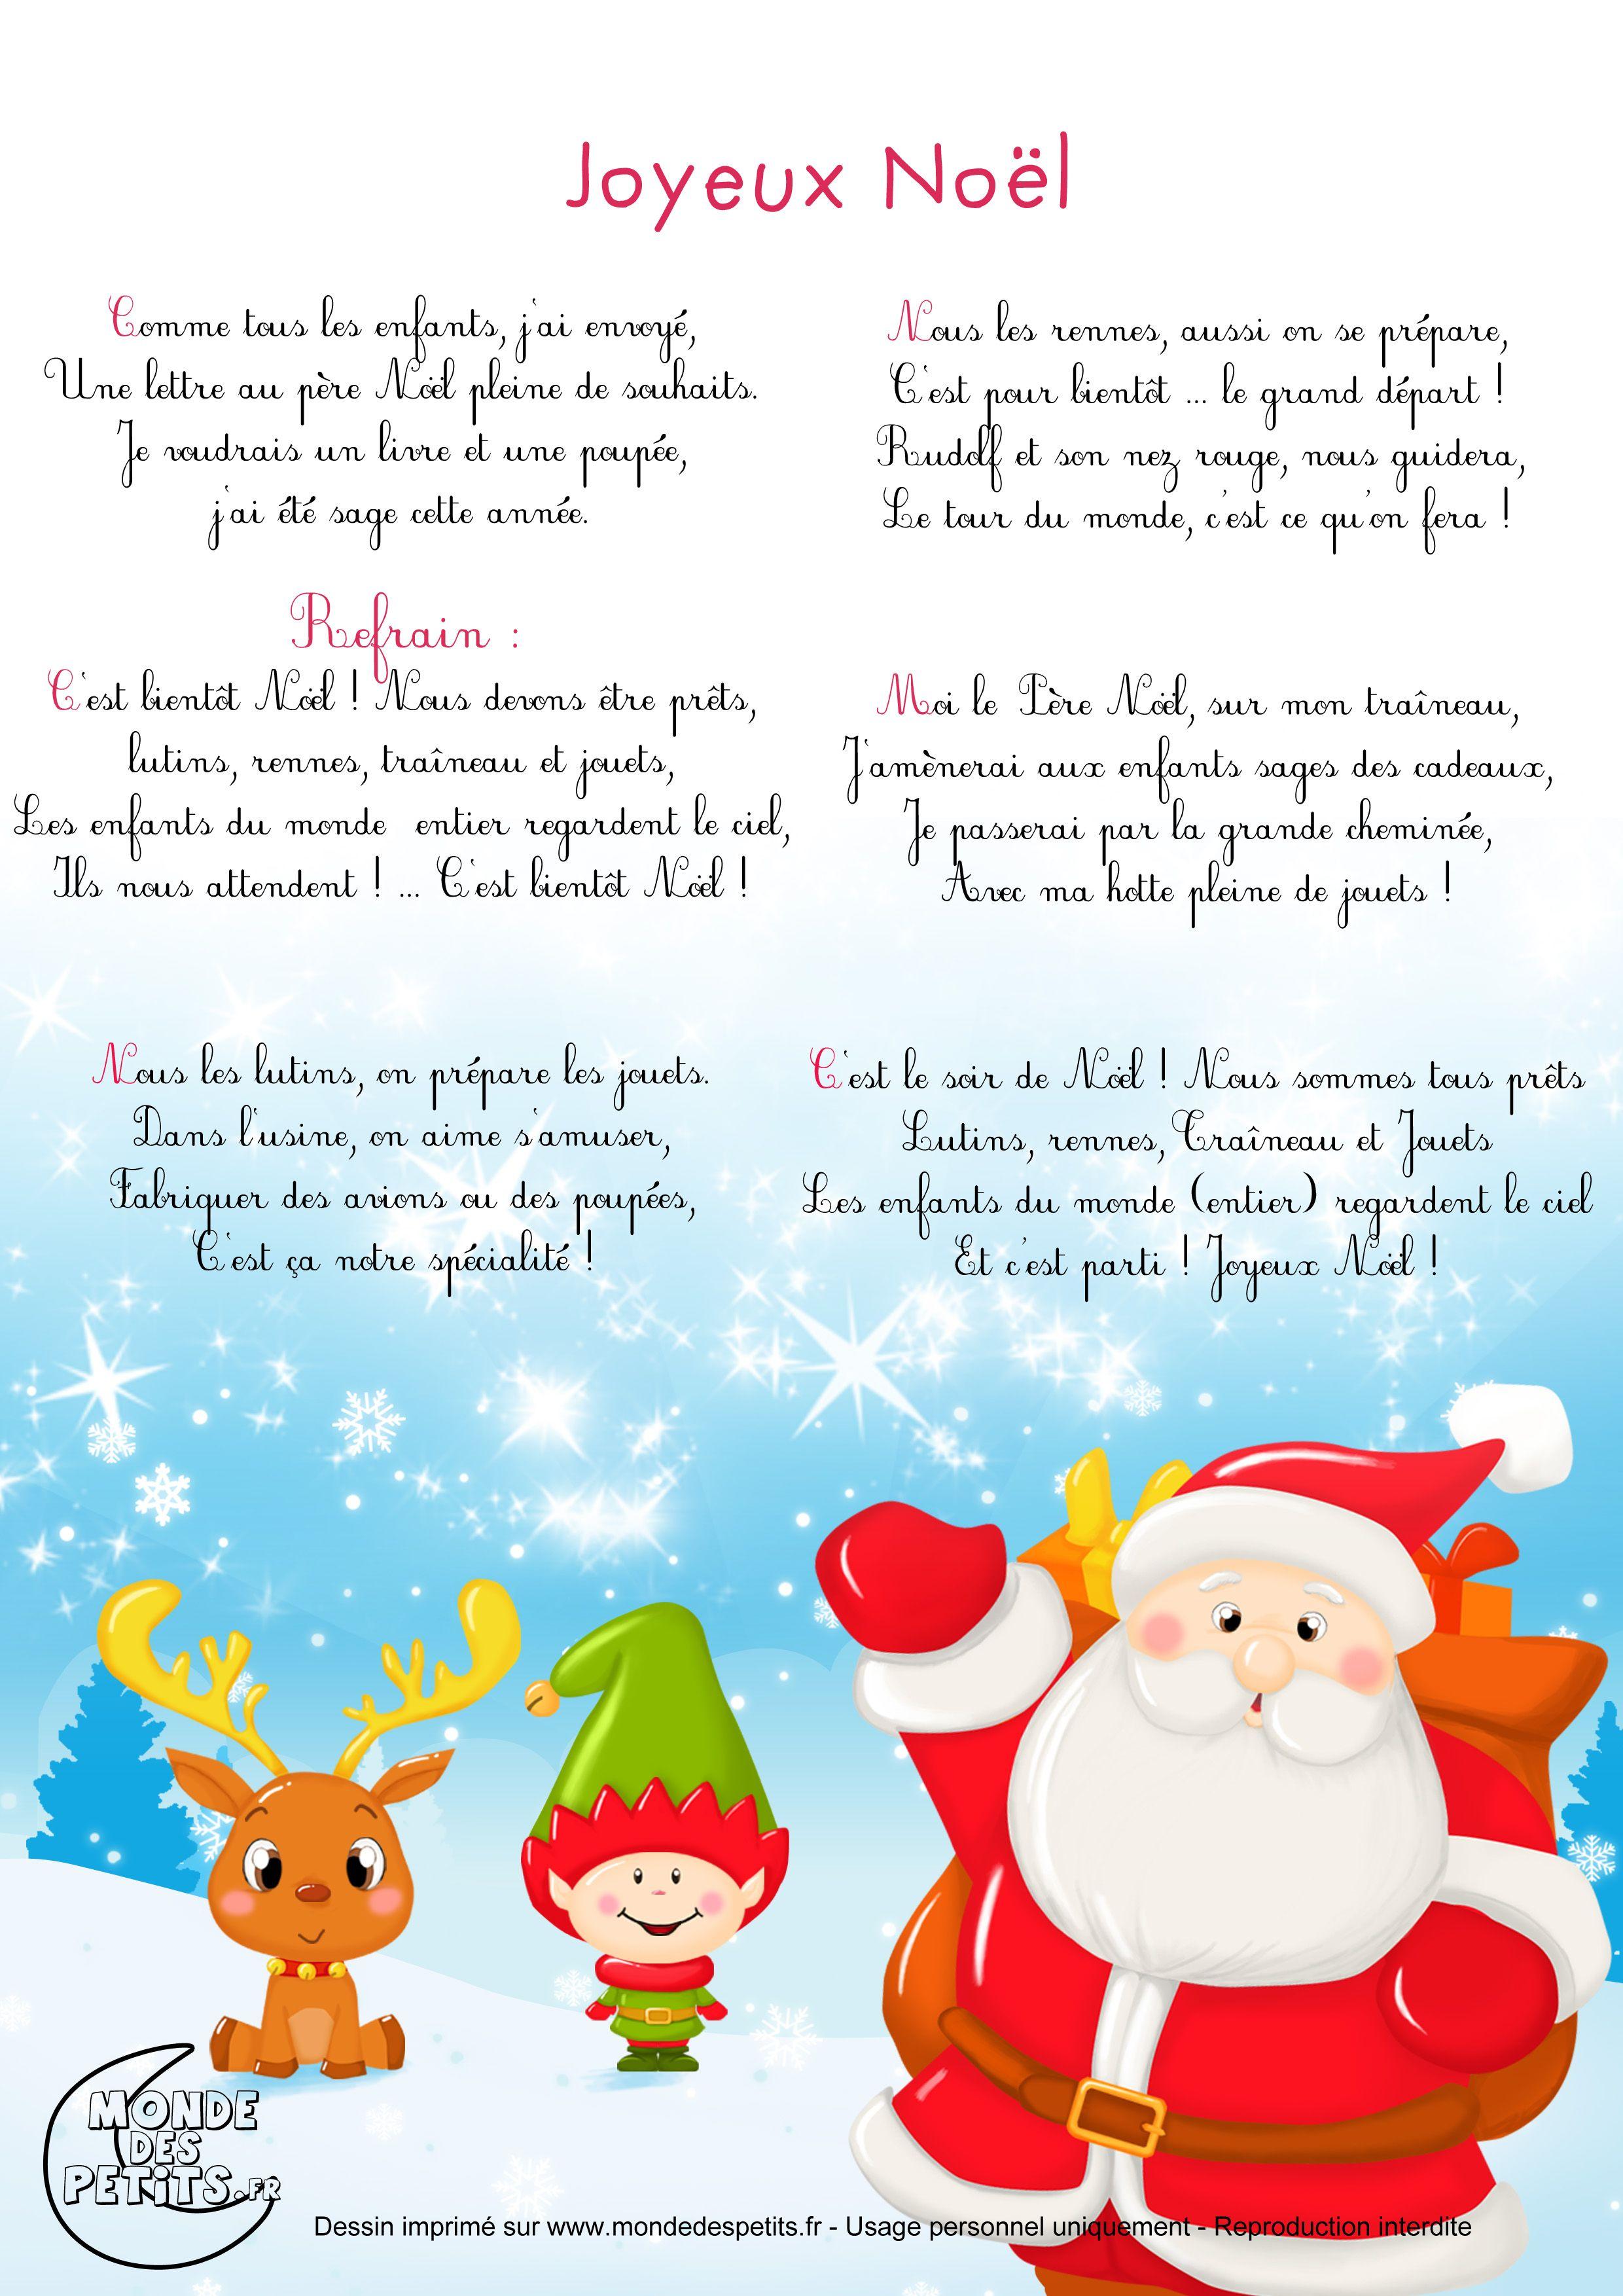 Paroles Chanson De Noel Joyeux Noel Chanson De Noel Chanson Noel Maternelle Et Chants De Noel